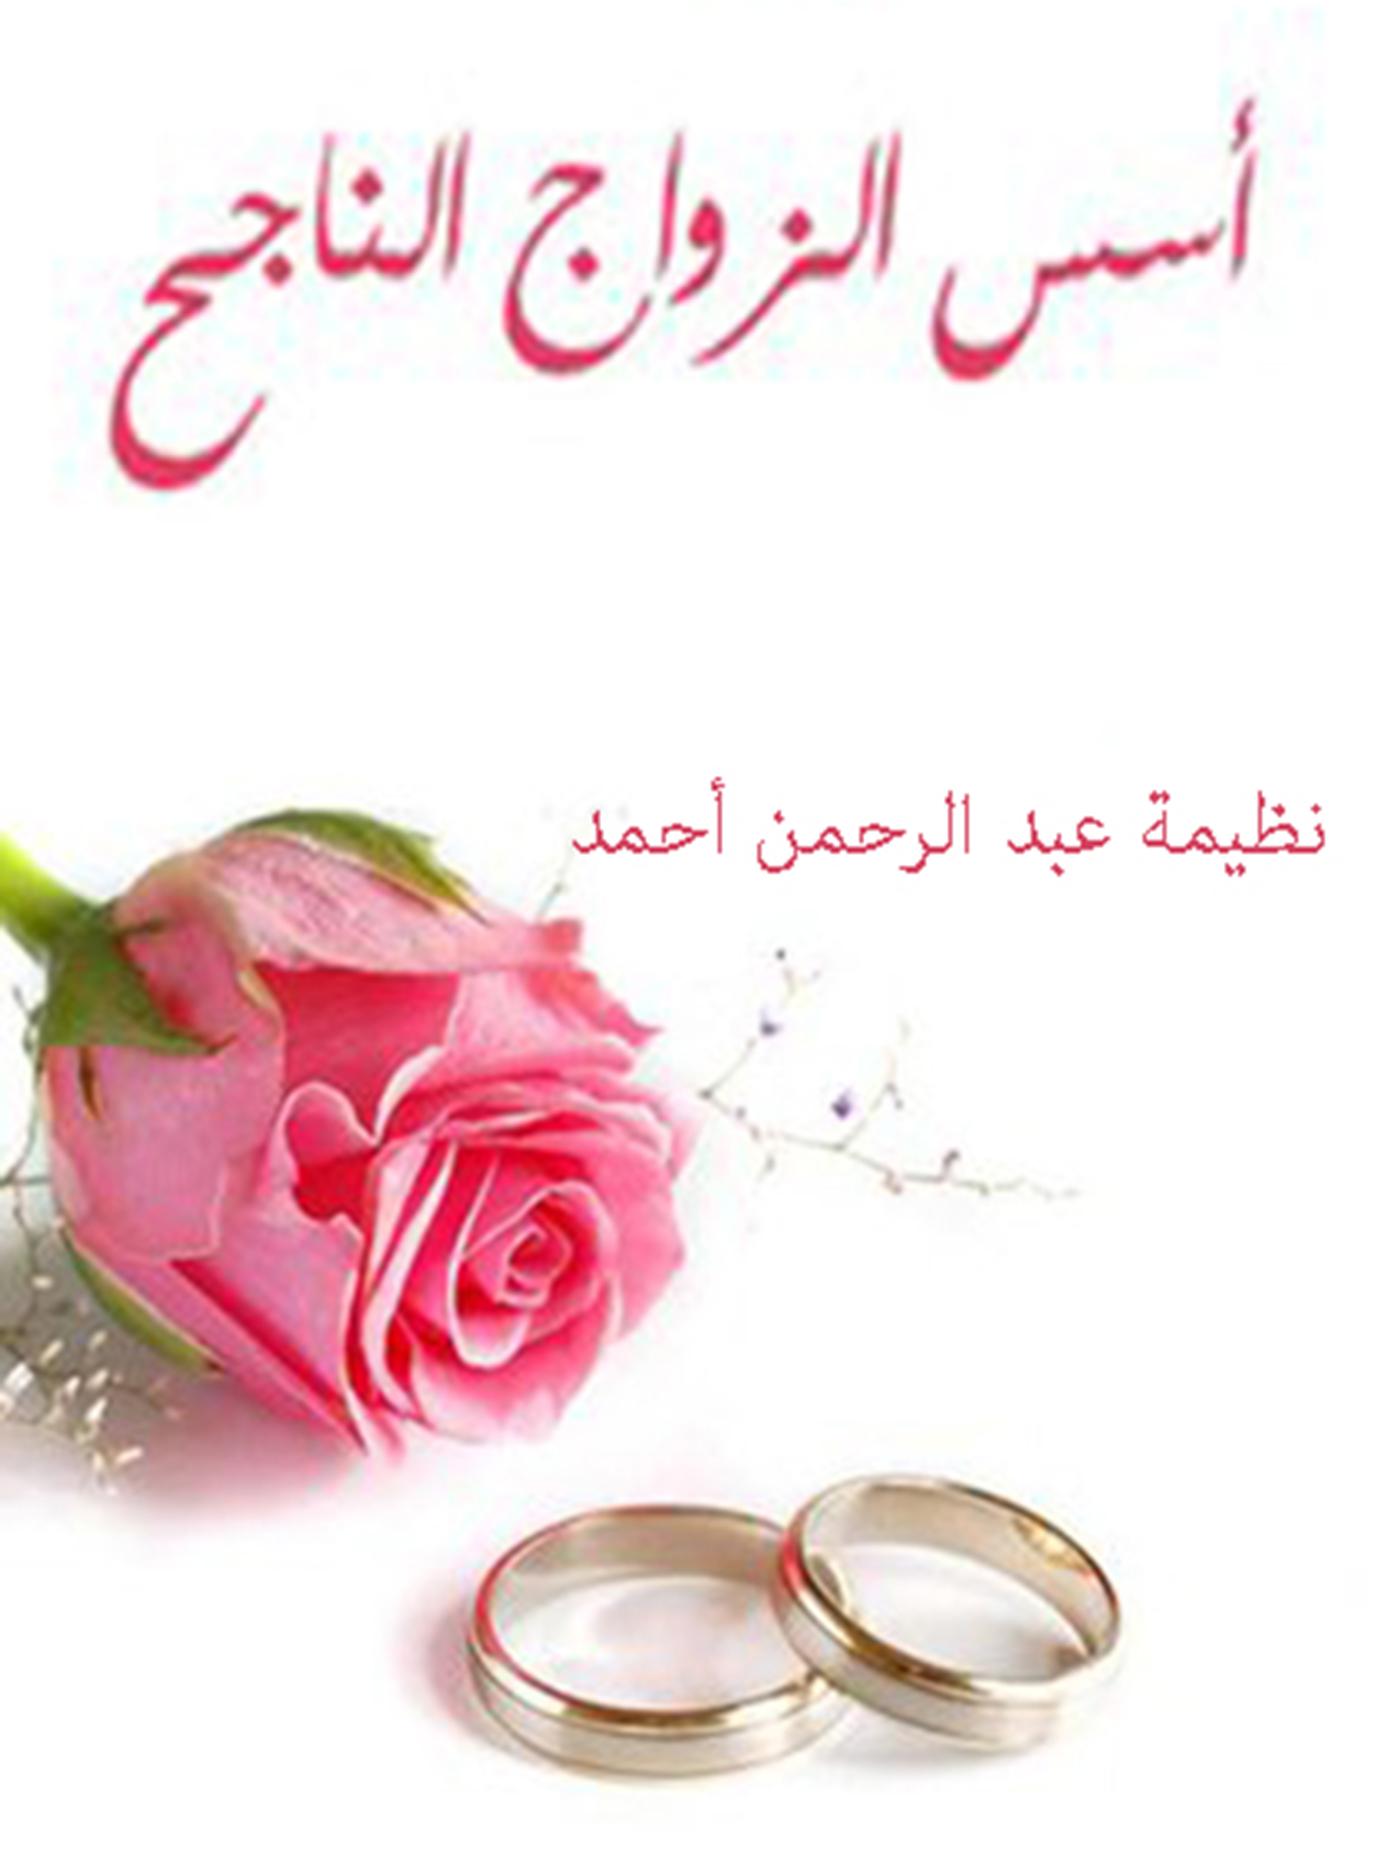 أسس الزواج الناجح